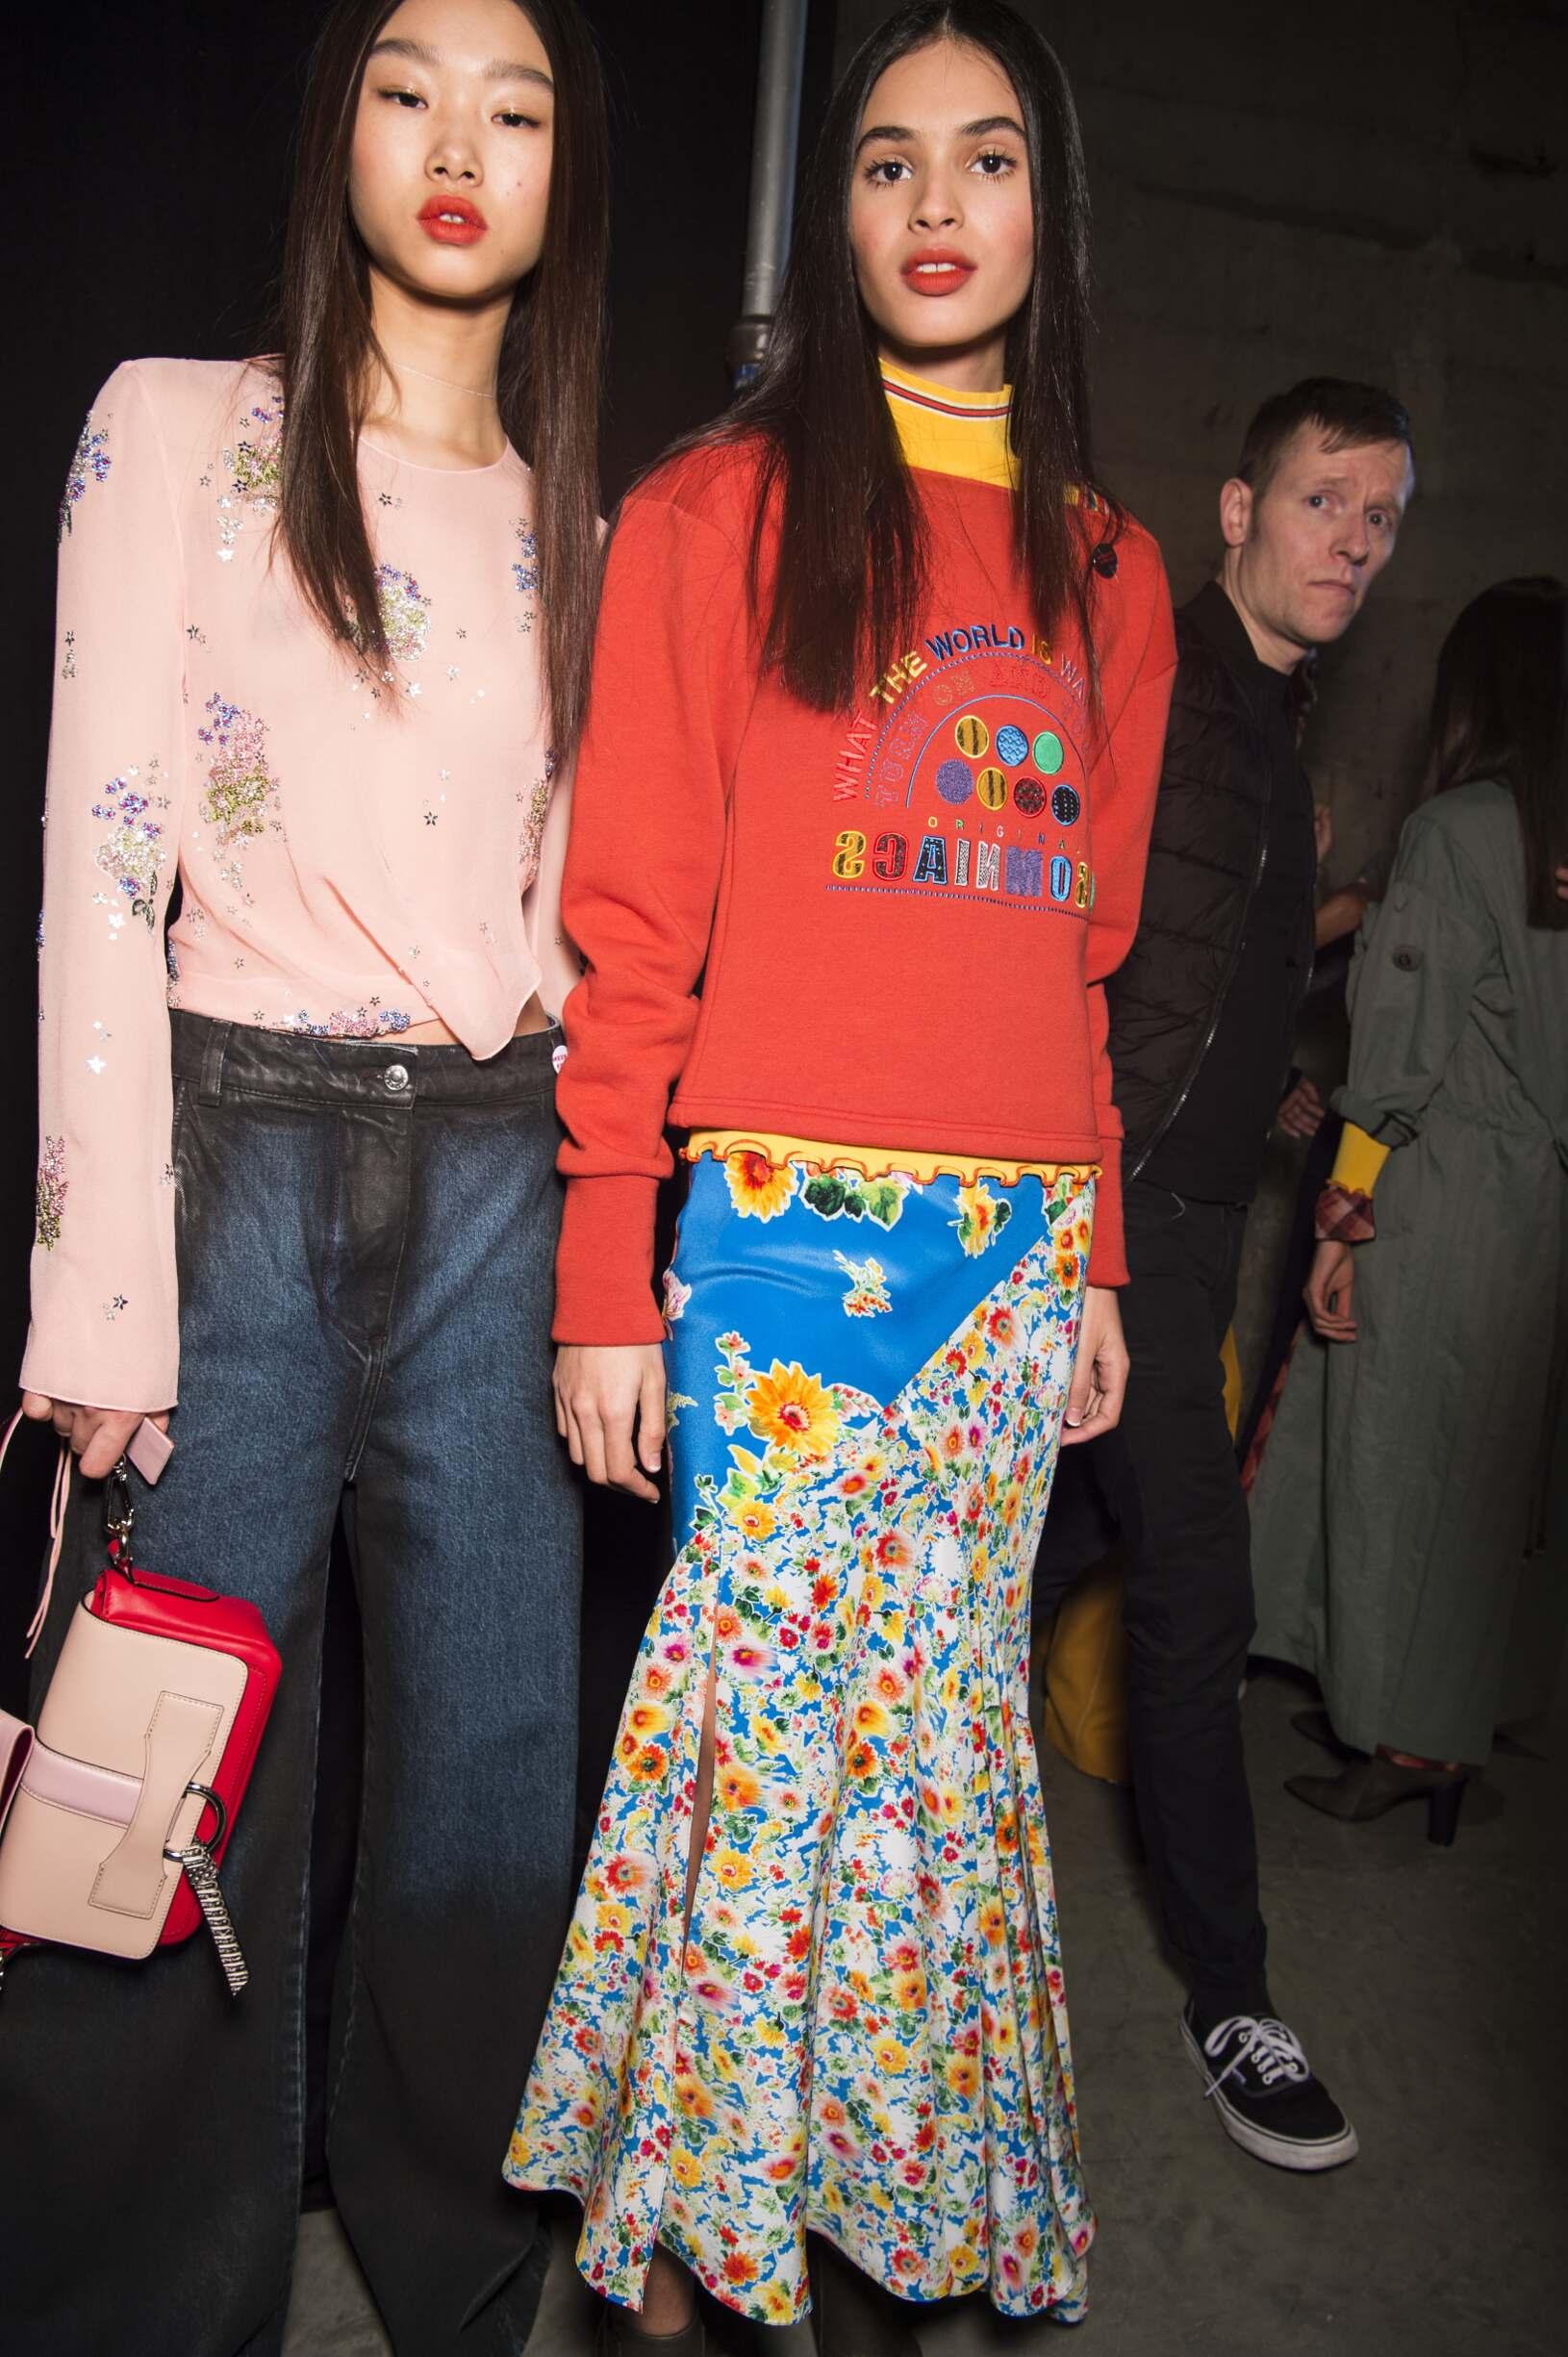 Backstage Topshop Unique Fashion Models London